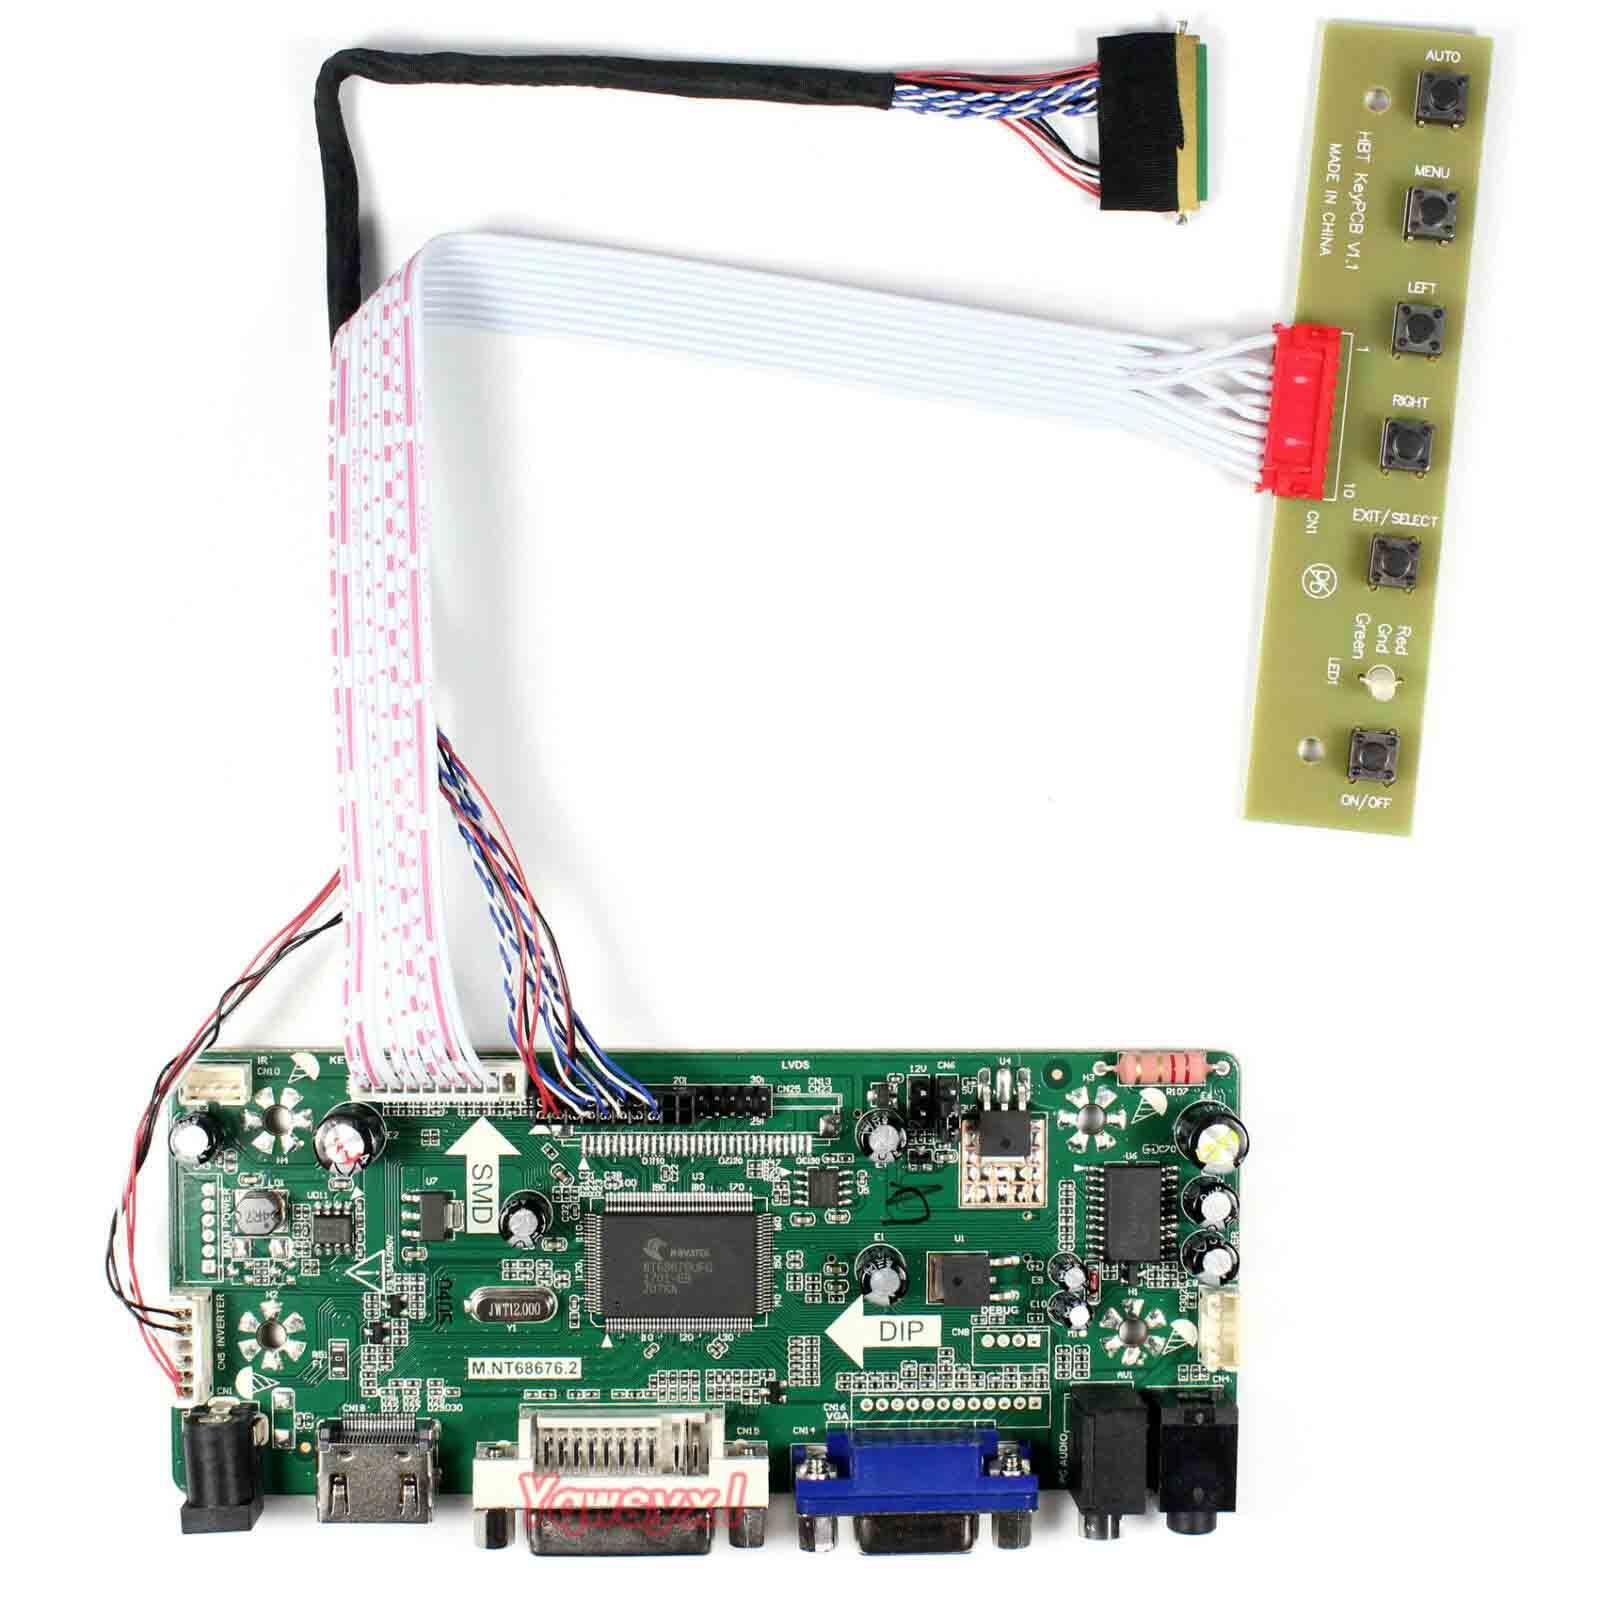 Yqwsyxl Control Board Monitor Kit For LTN140AT26-T01 LTN140AT26  HDMI+DVI+VGA LCD LED Screen Controller Board Driver